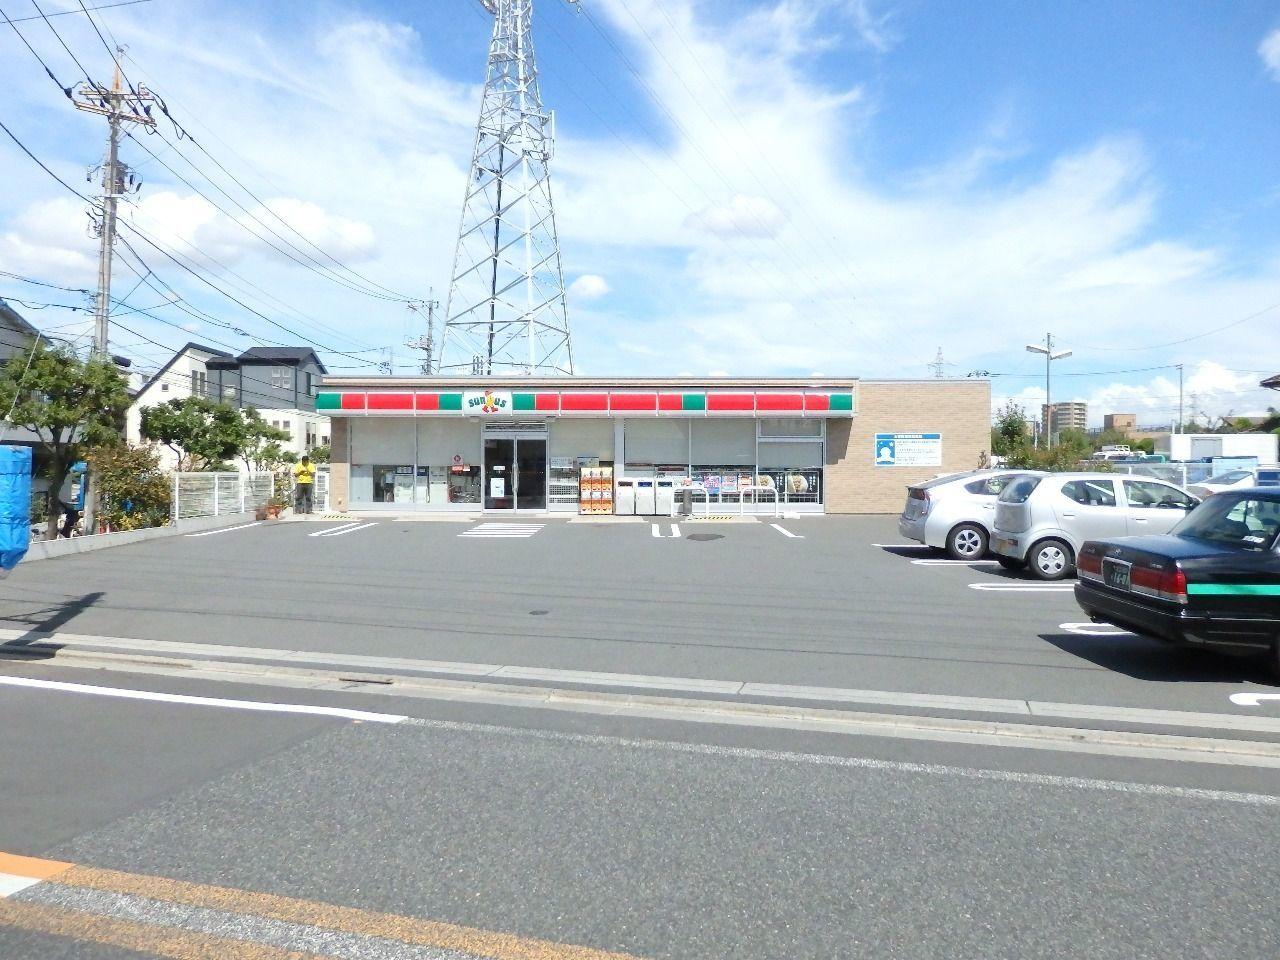 西葛西と船堀を結ぶ都営バスの停留所前にあり大型駐車場を併設しています。